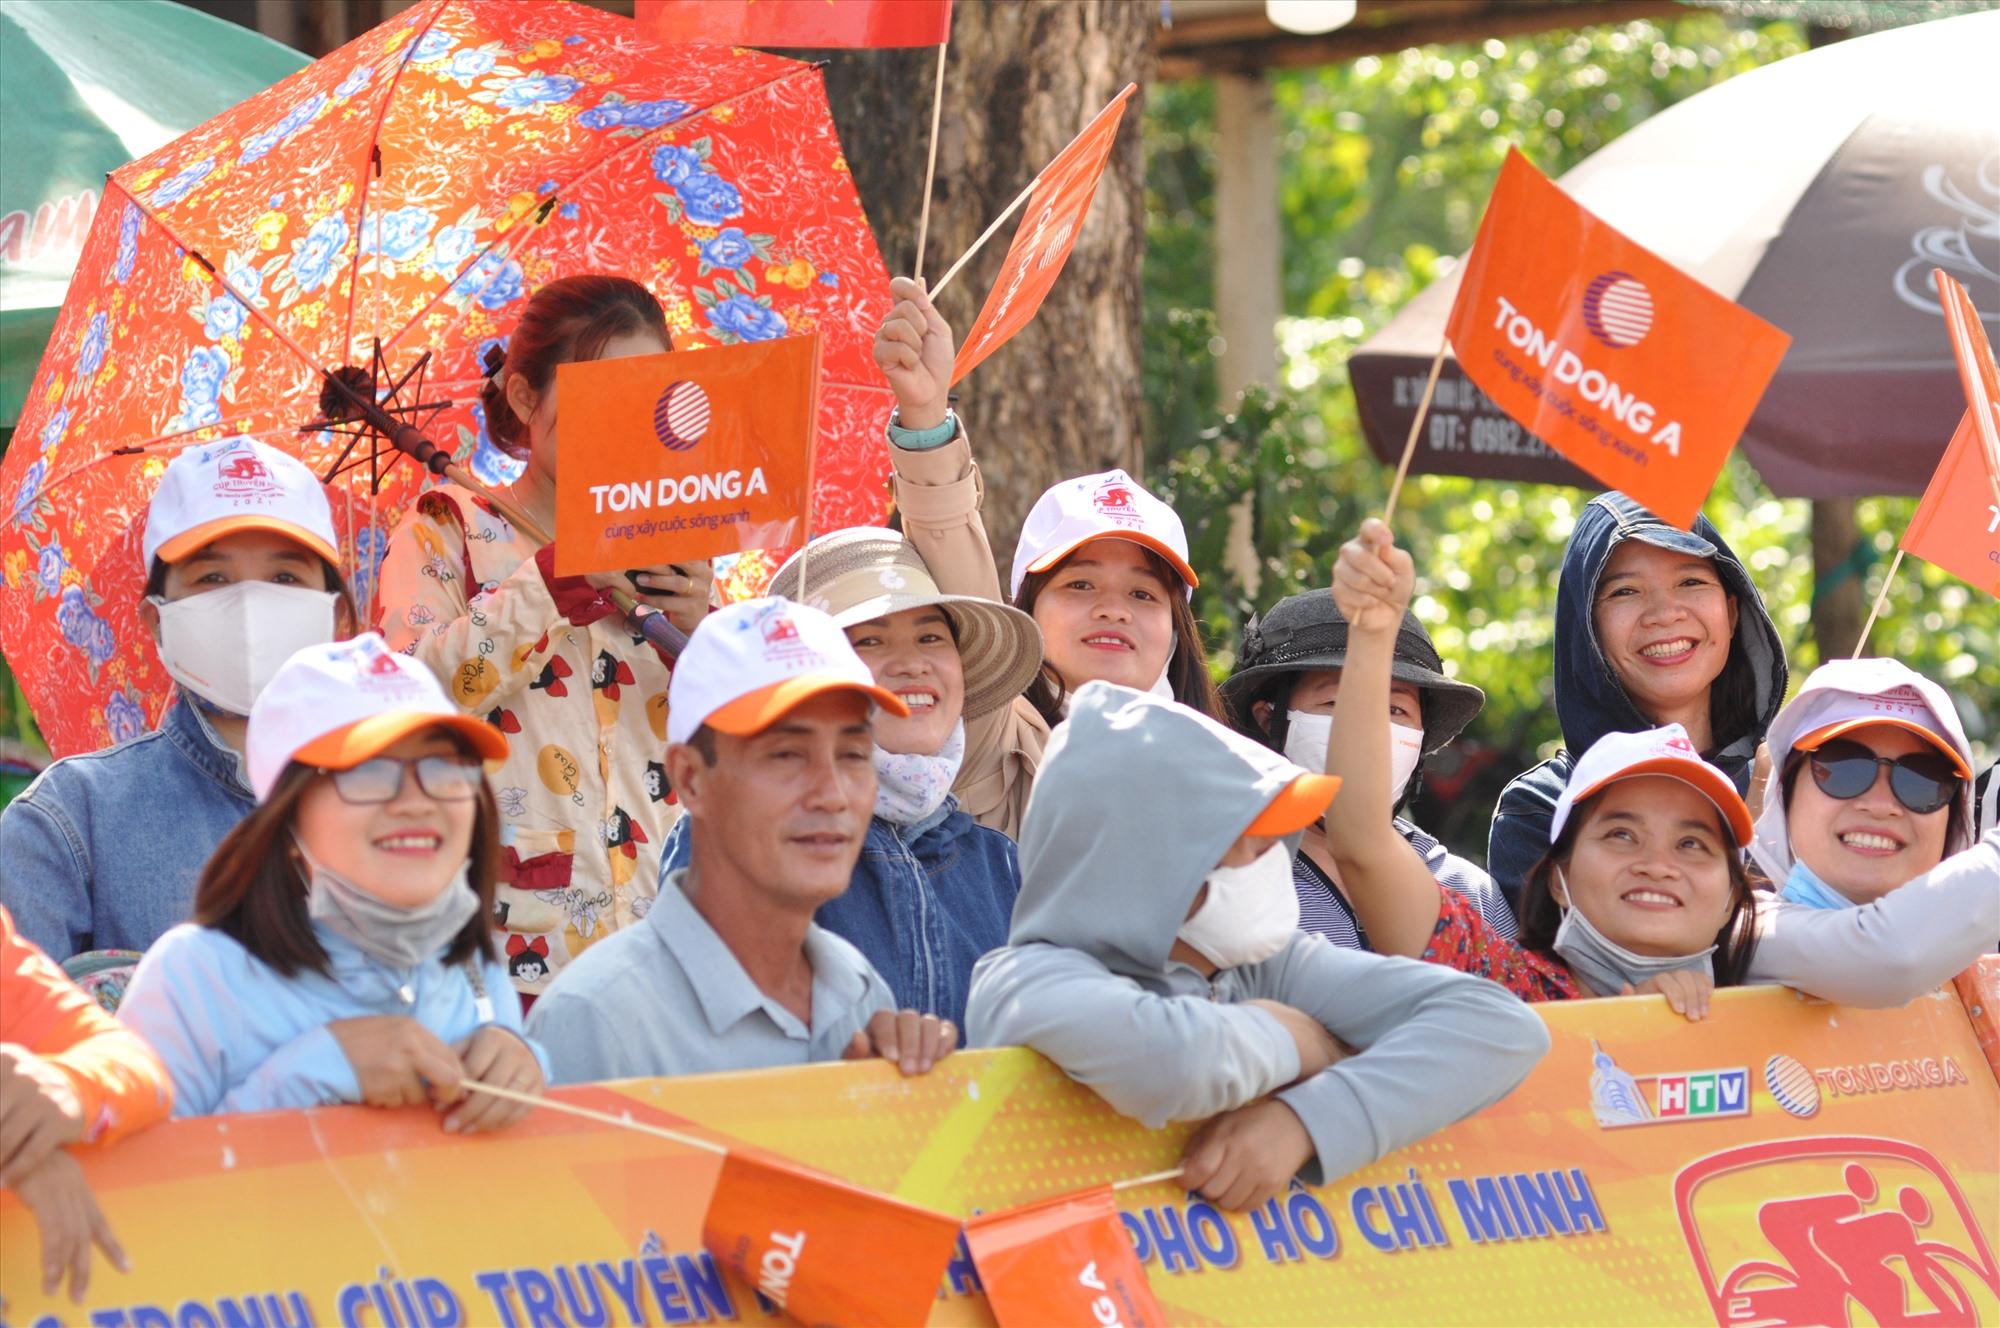 Sự cổ vũ cuồng nhiệt của người hâm mộ xứ Quảng góp phần làm cho các cuộc tranh tài thêm gay cấn. Ảnh: T.VY